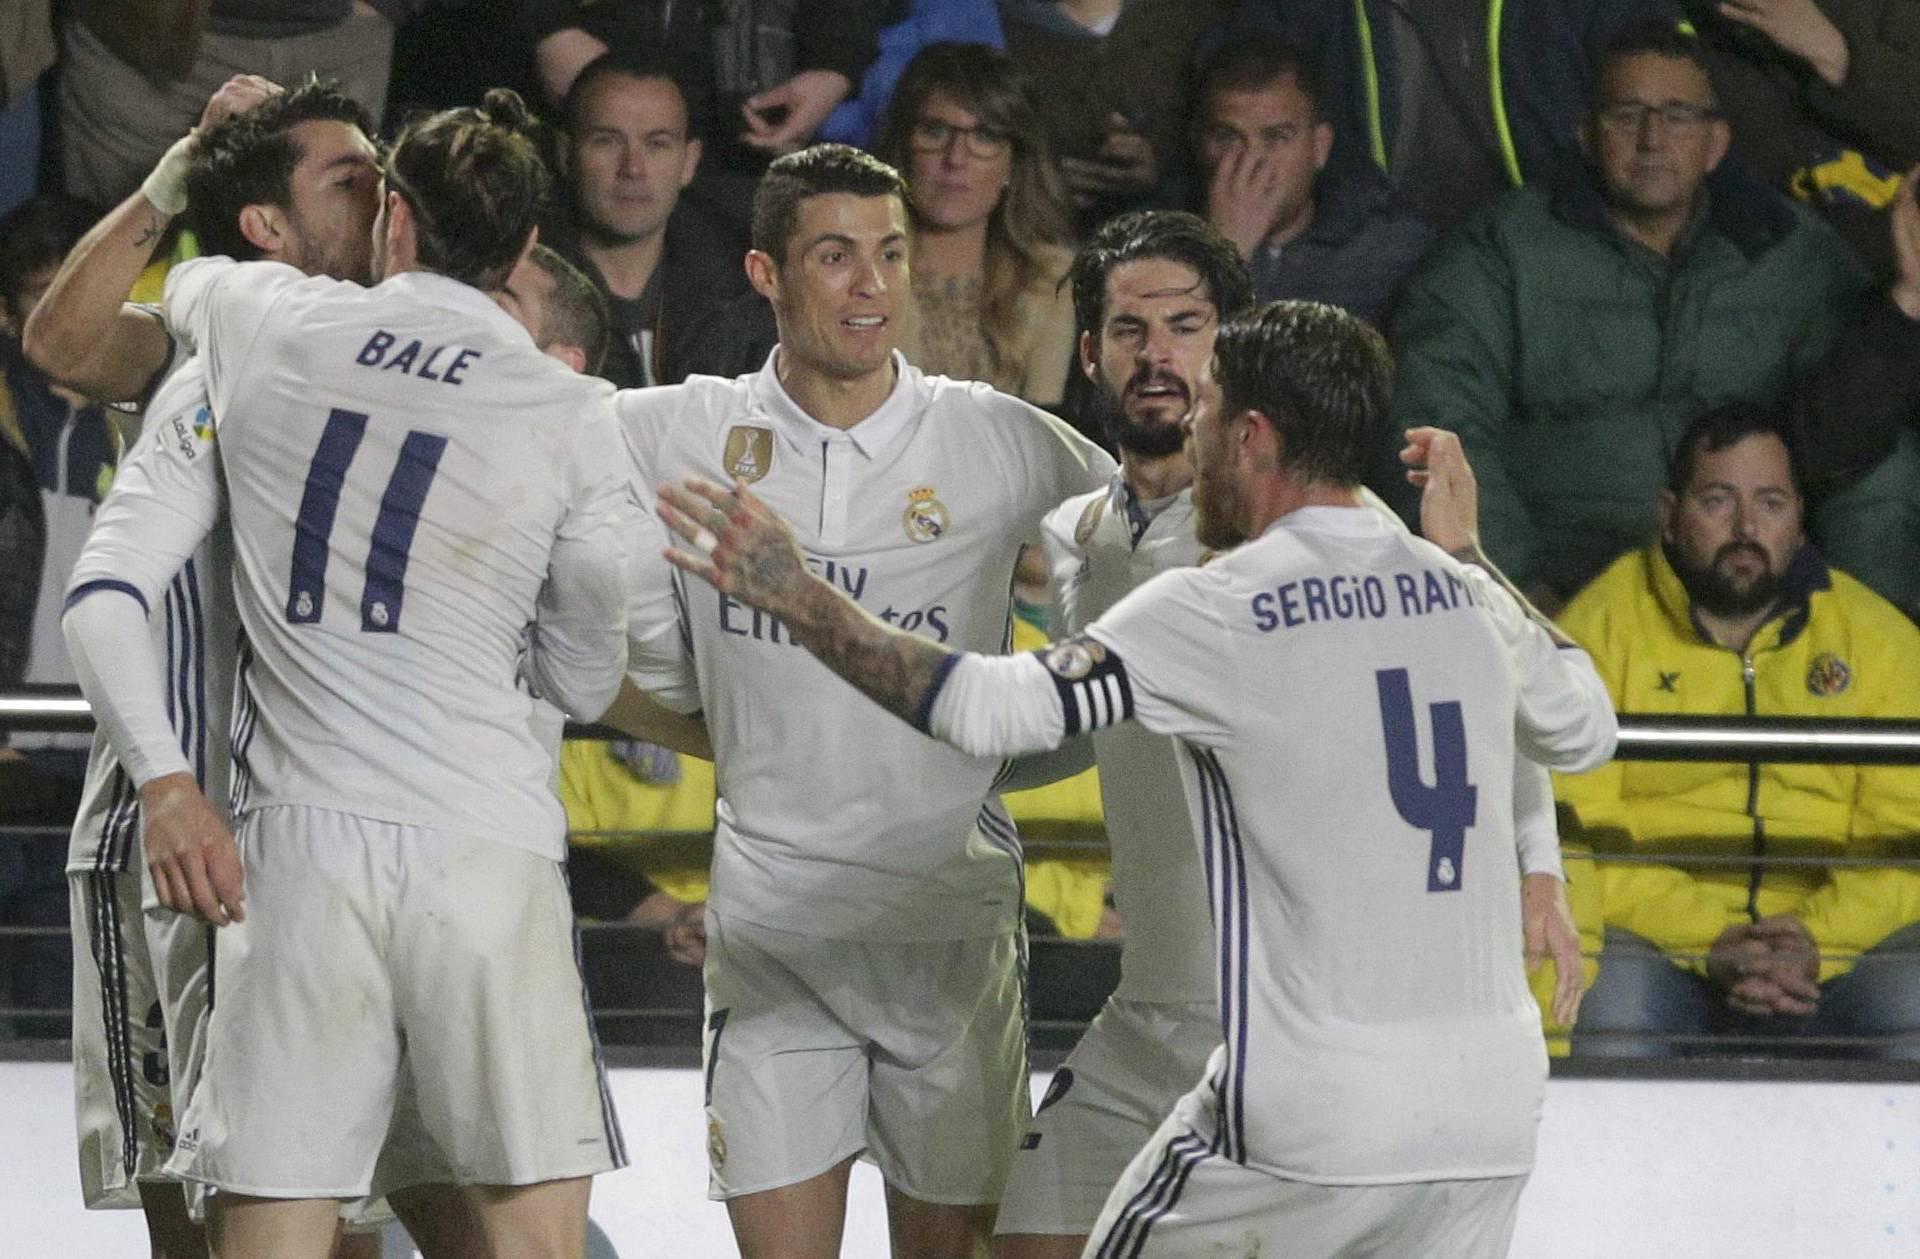 Football Soccer - Villarreal v Real Madrid - Spanish La Liga Santander